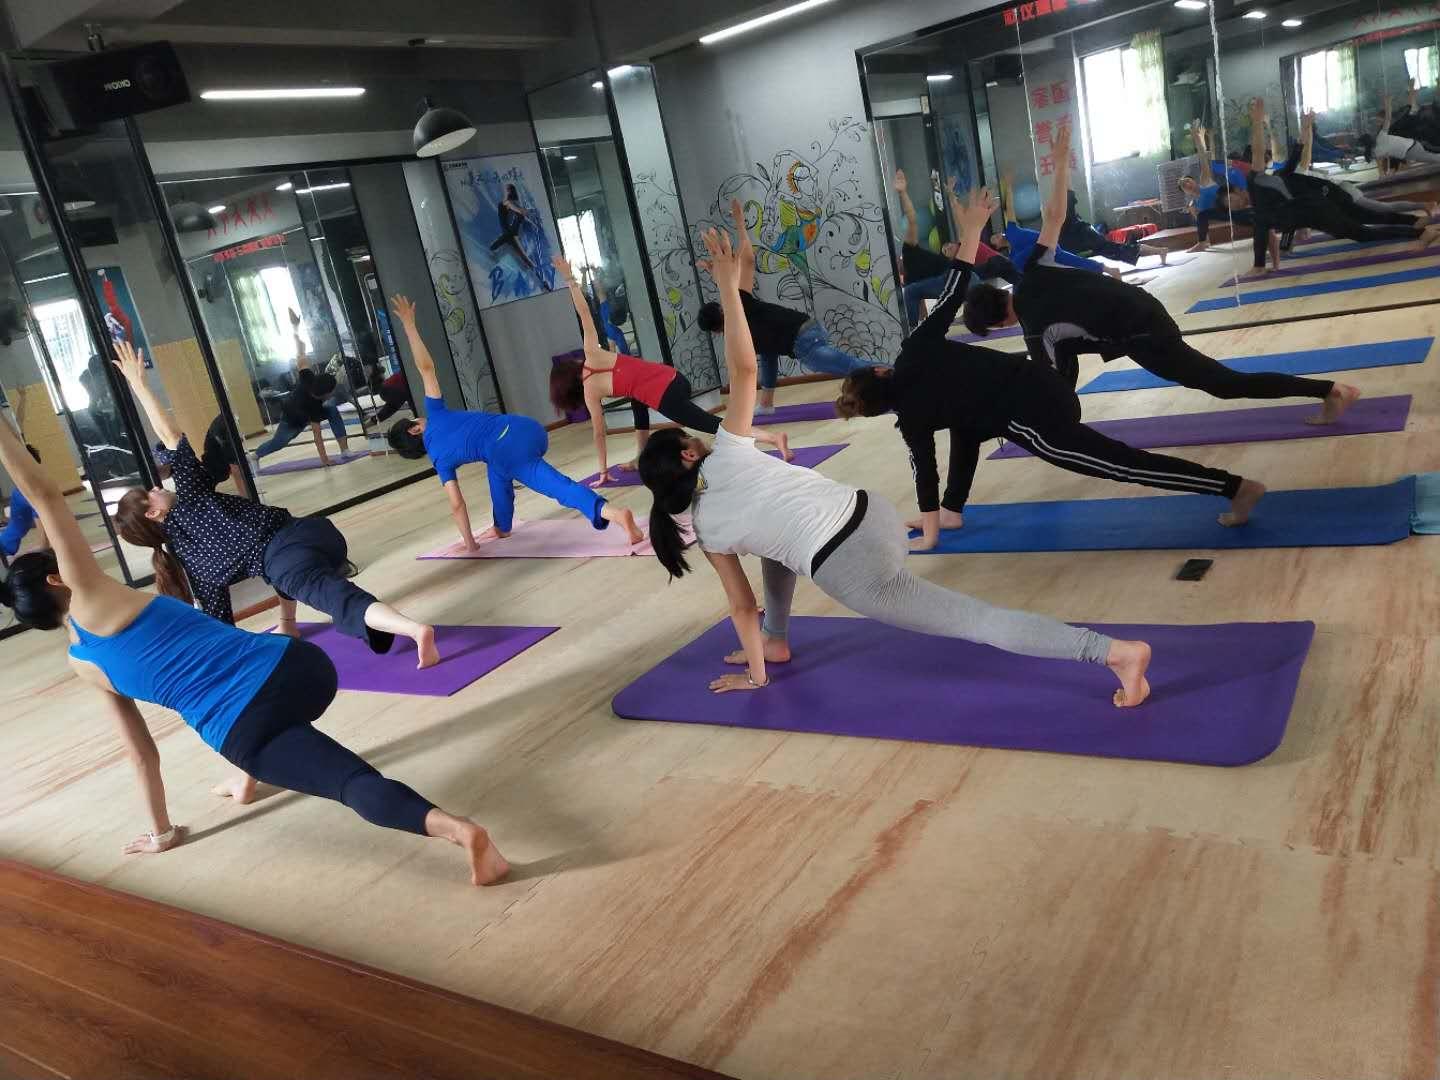 中国私人健身教练培训,私教培训哪家好